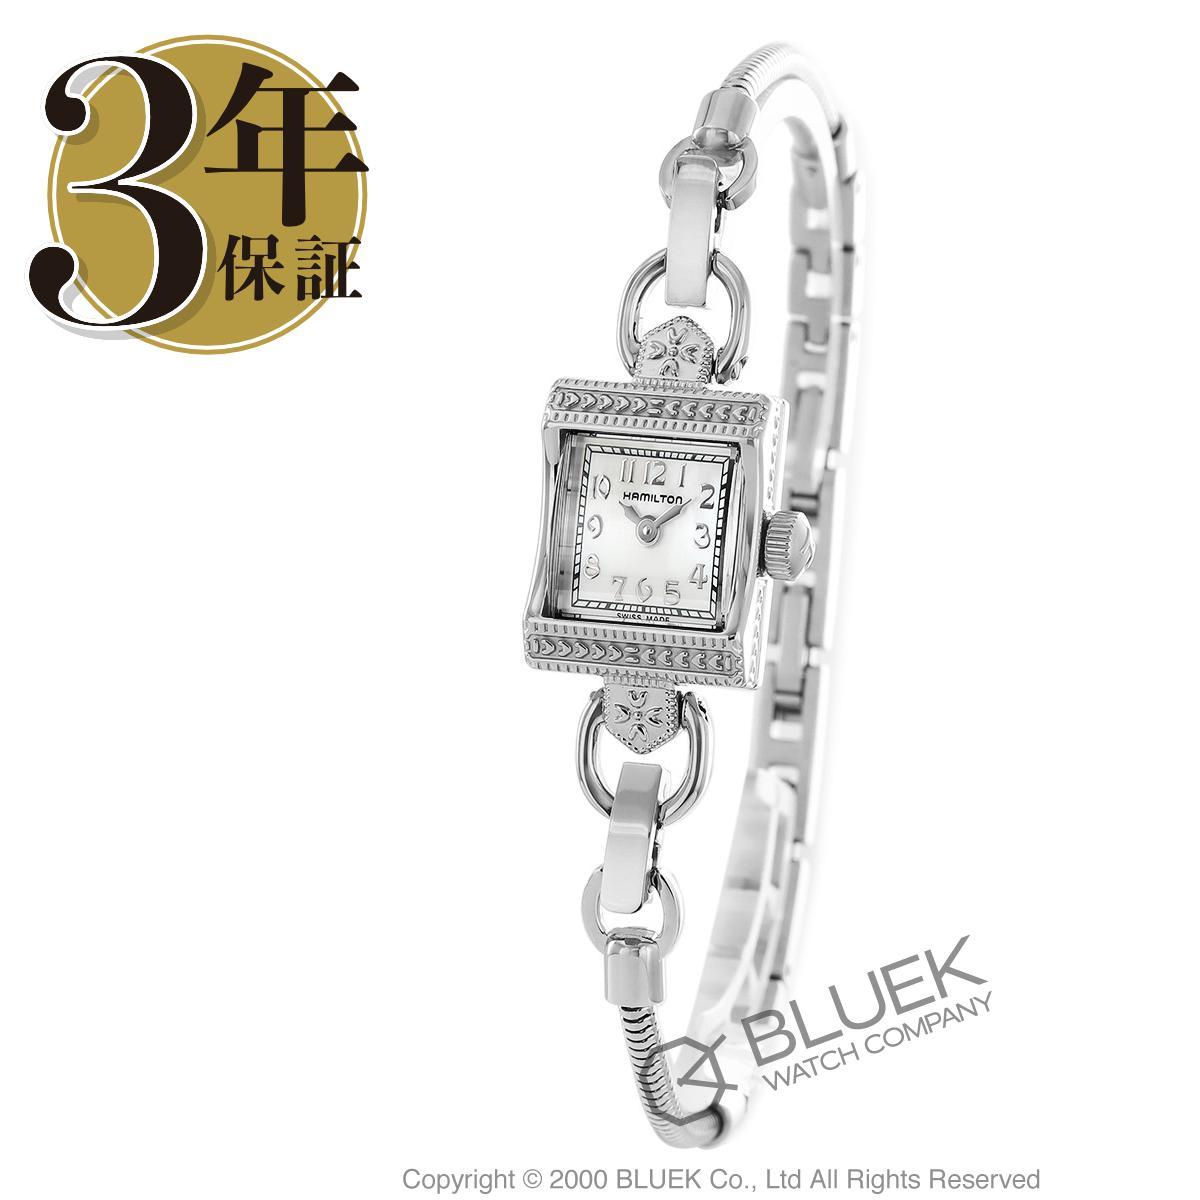 【1,000円OFFクーポン対象】ハミルトン ヴィンテージ 腕時計 レディース HAMILTON H31271113_8